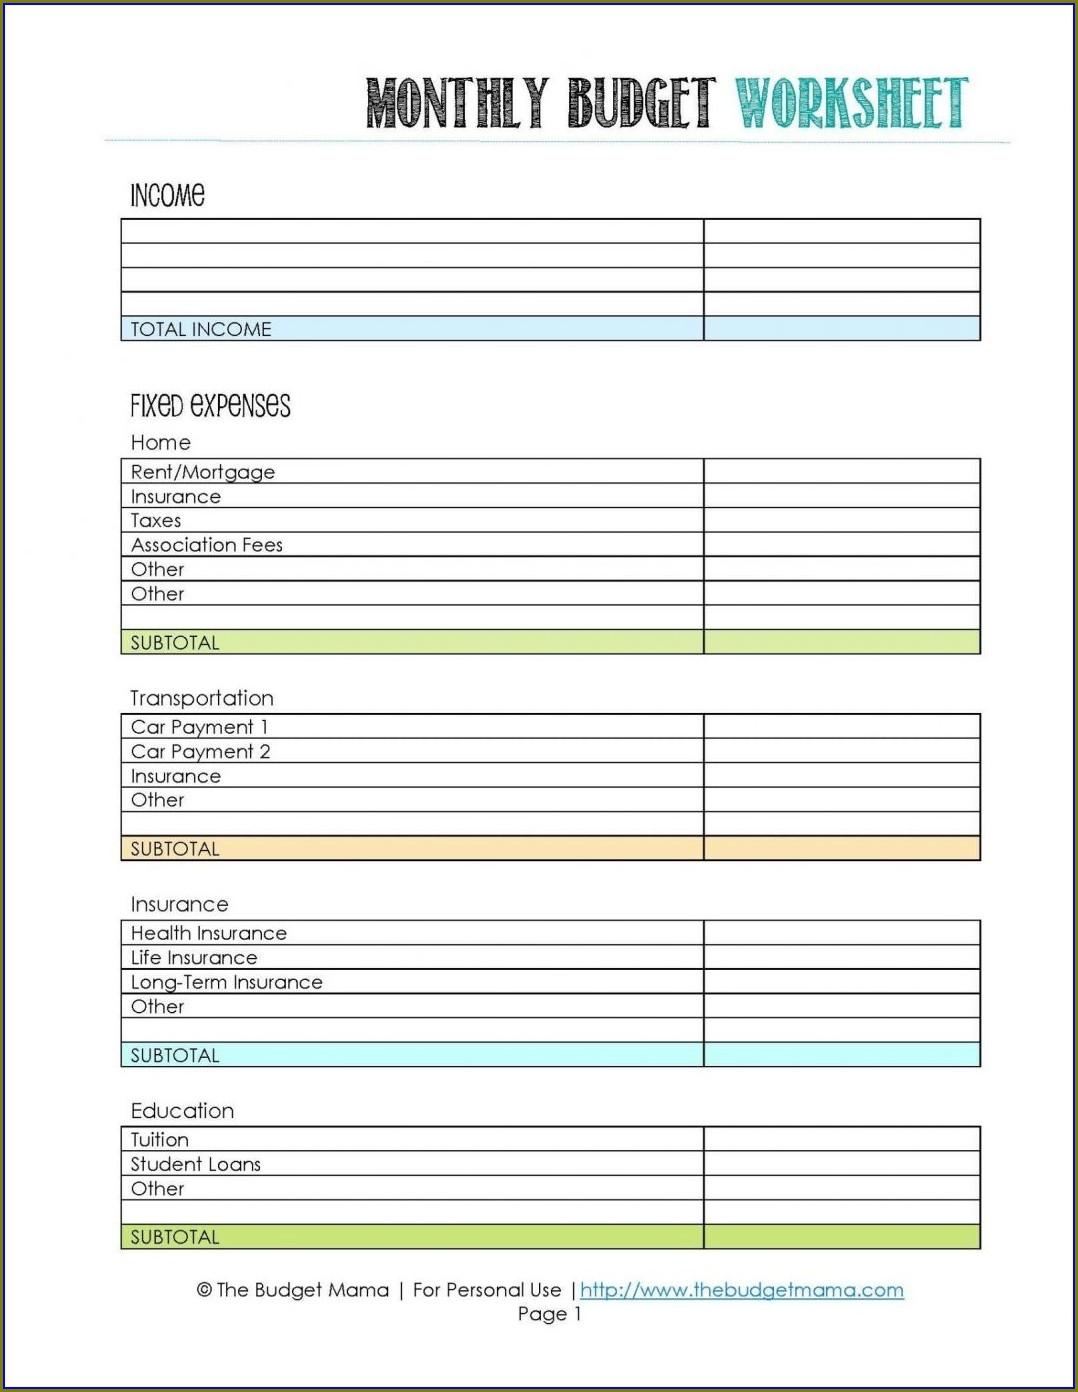 Budget Worksheet Suze Orman